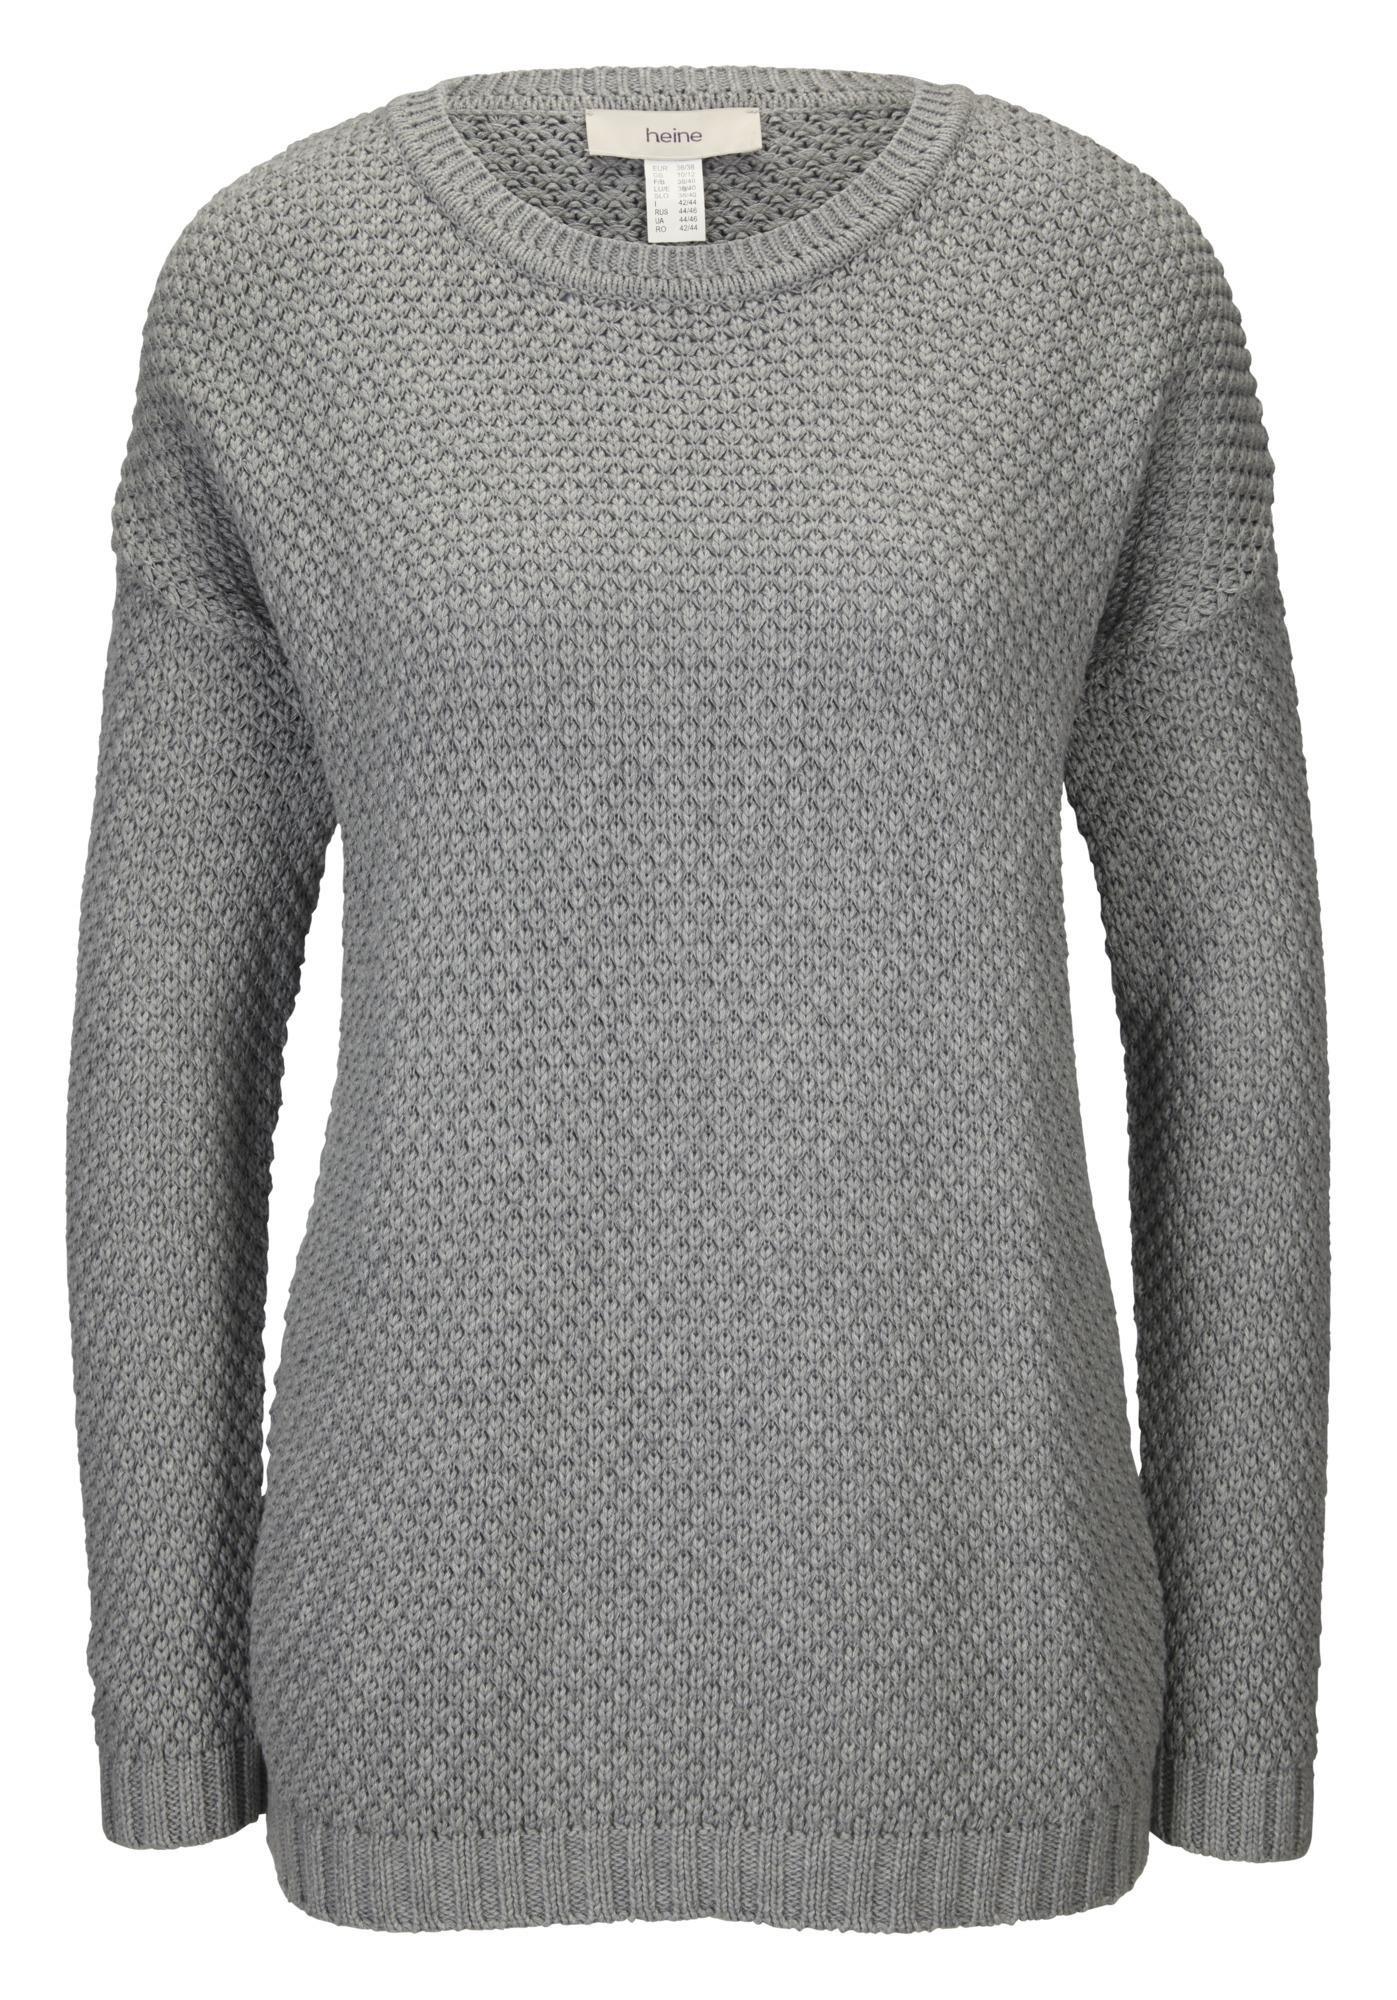 Linea Tesini By Heine Pullover met ronde hals goedkoop op otto.nl kopen